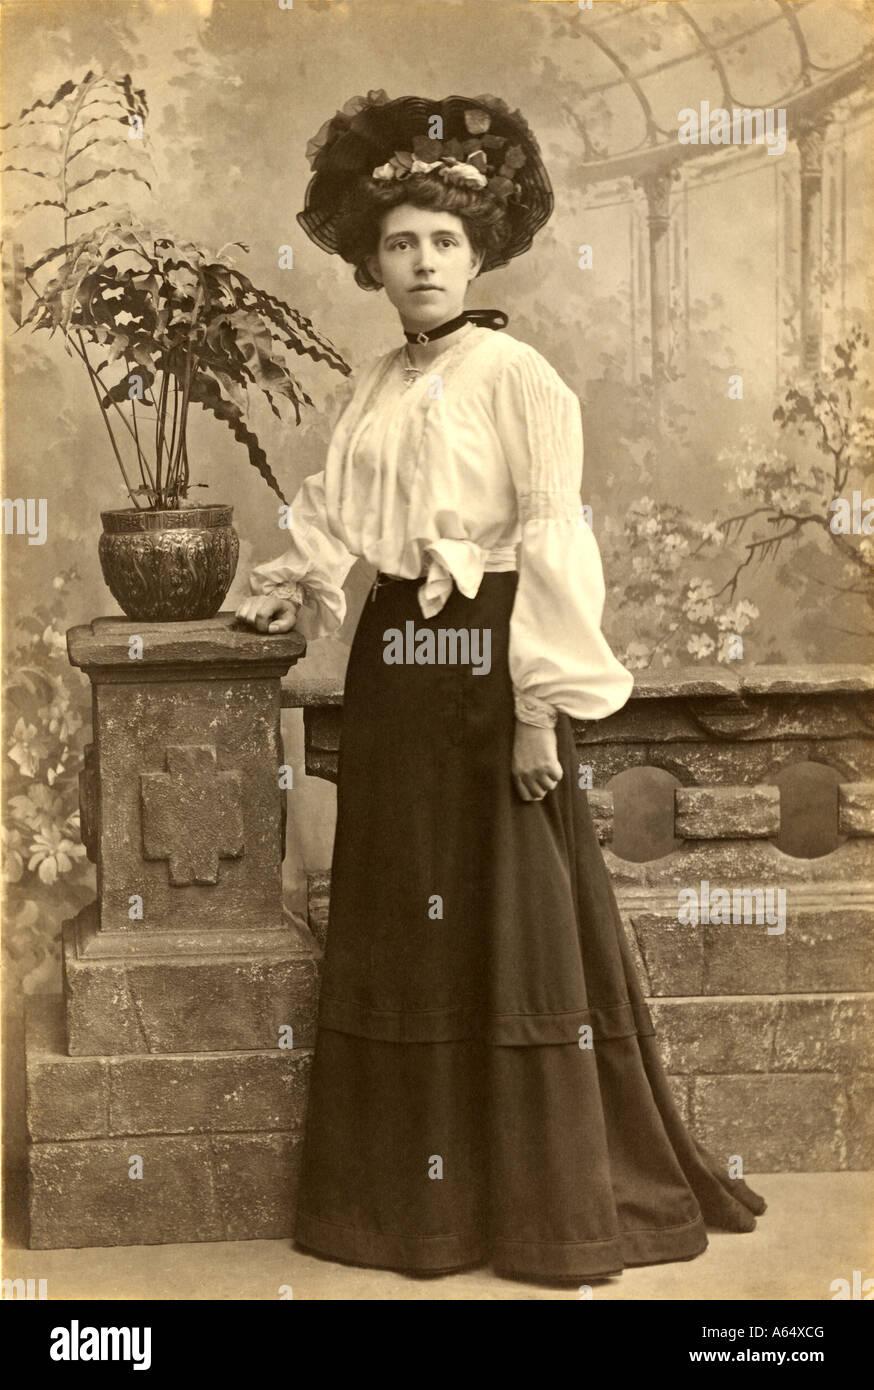 Retrato de Estúdio de uma moda jovem mulher Edwardian com 19 anos de idade, datada de Outubro de 1903, a Ilha Imagens de Stock